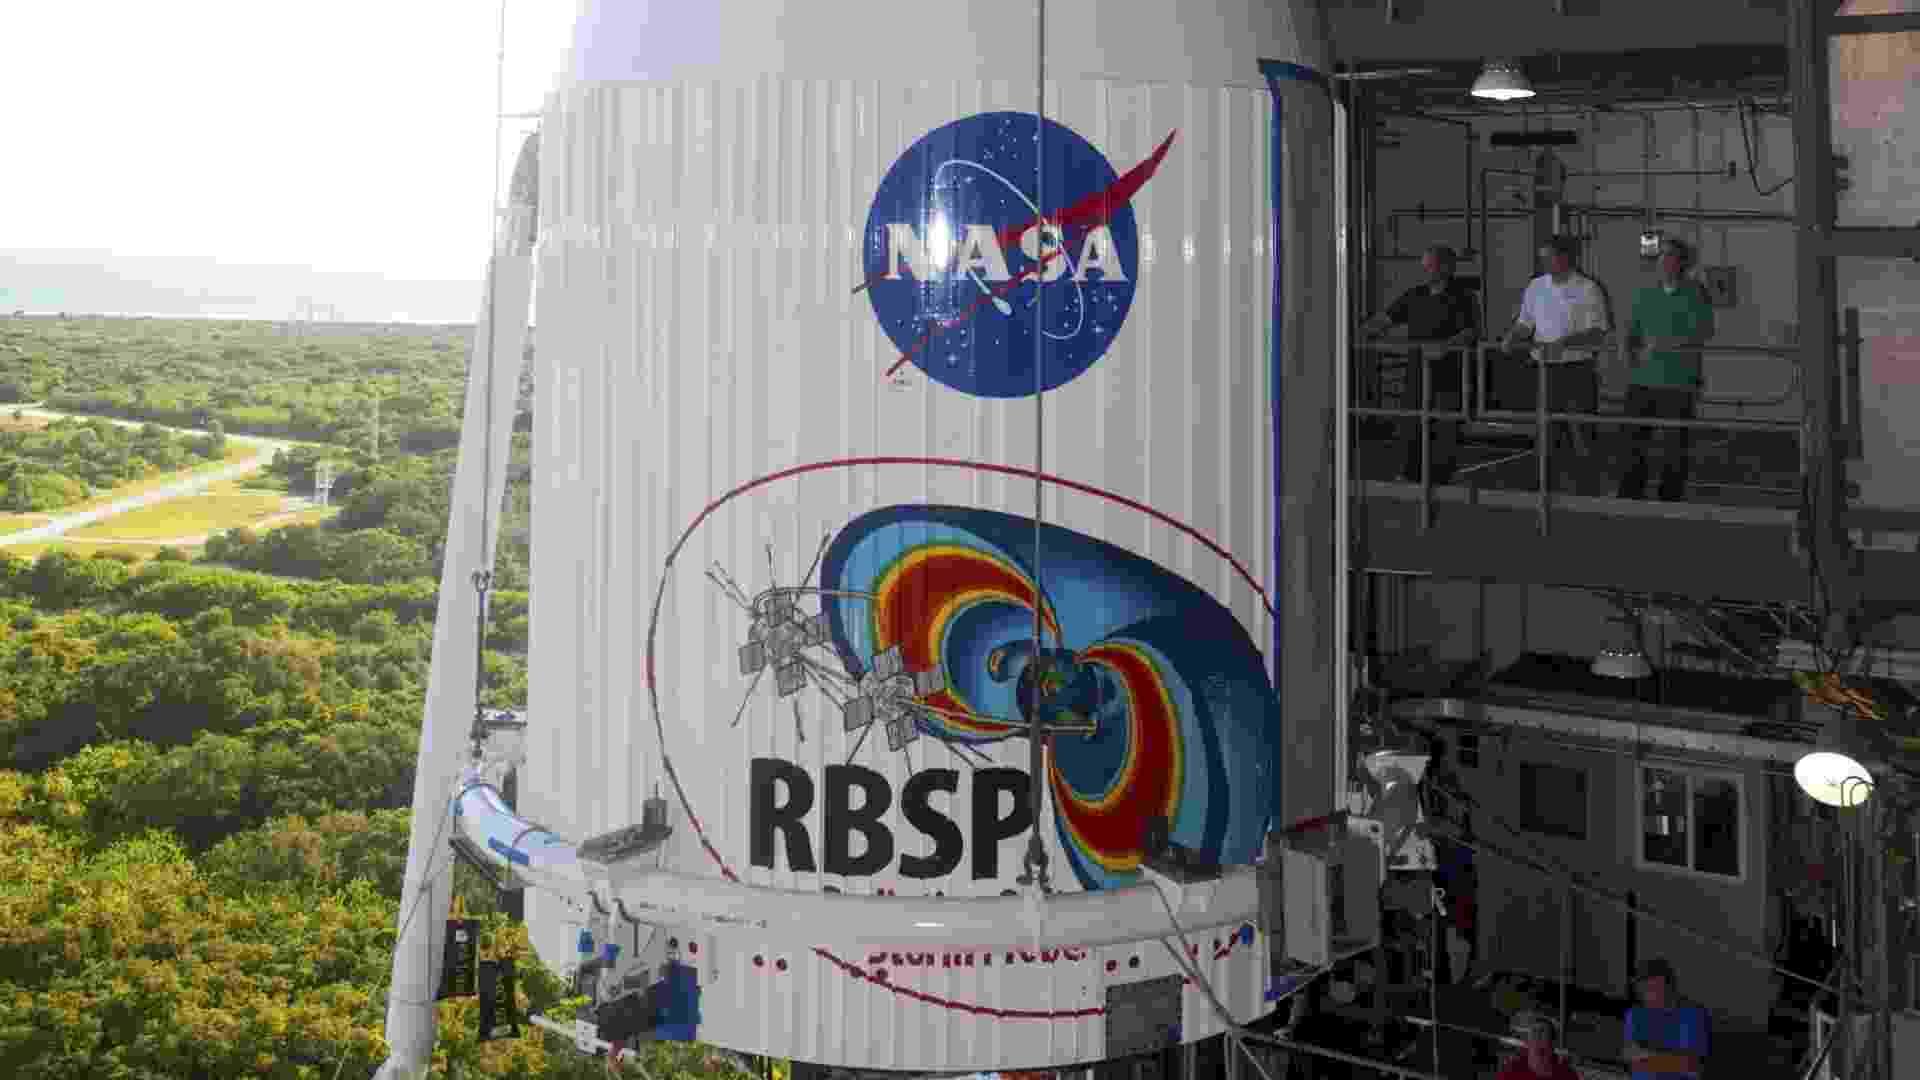 23.ago.2012 - O foguete Atlas V chega à rampa 41 da Estação Cabo Canaveral, na Flórida. Previsto para ser lançado nesta sexta-feira (24), o propulsor carrega sondas que vão estudar a influência do Sol e de seus anéis de radiação sobre a Terra - Dimitri Gerondidakis/Nasa